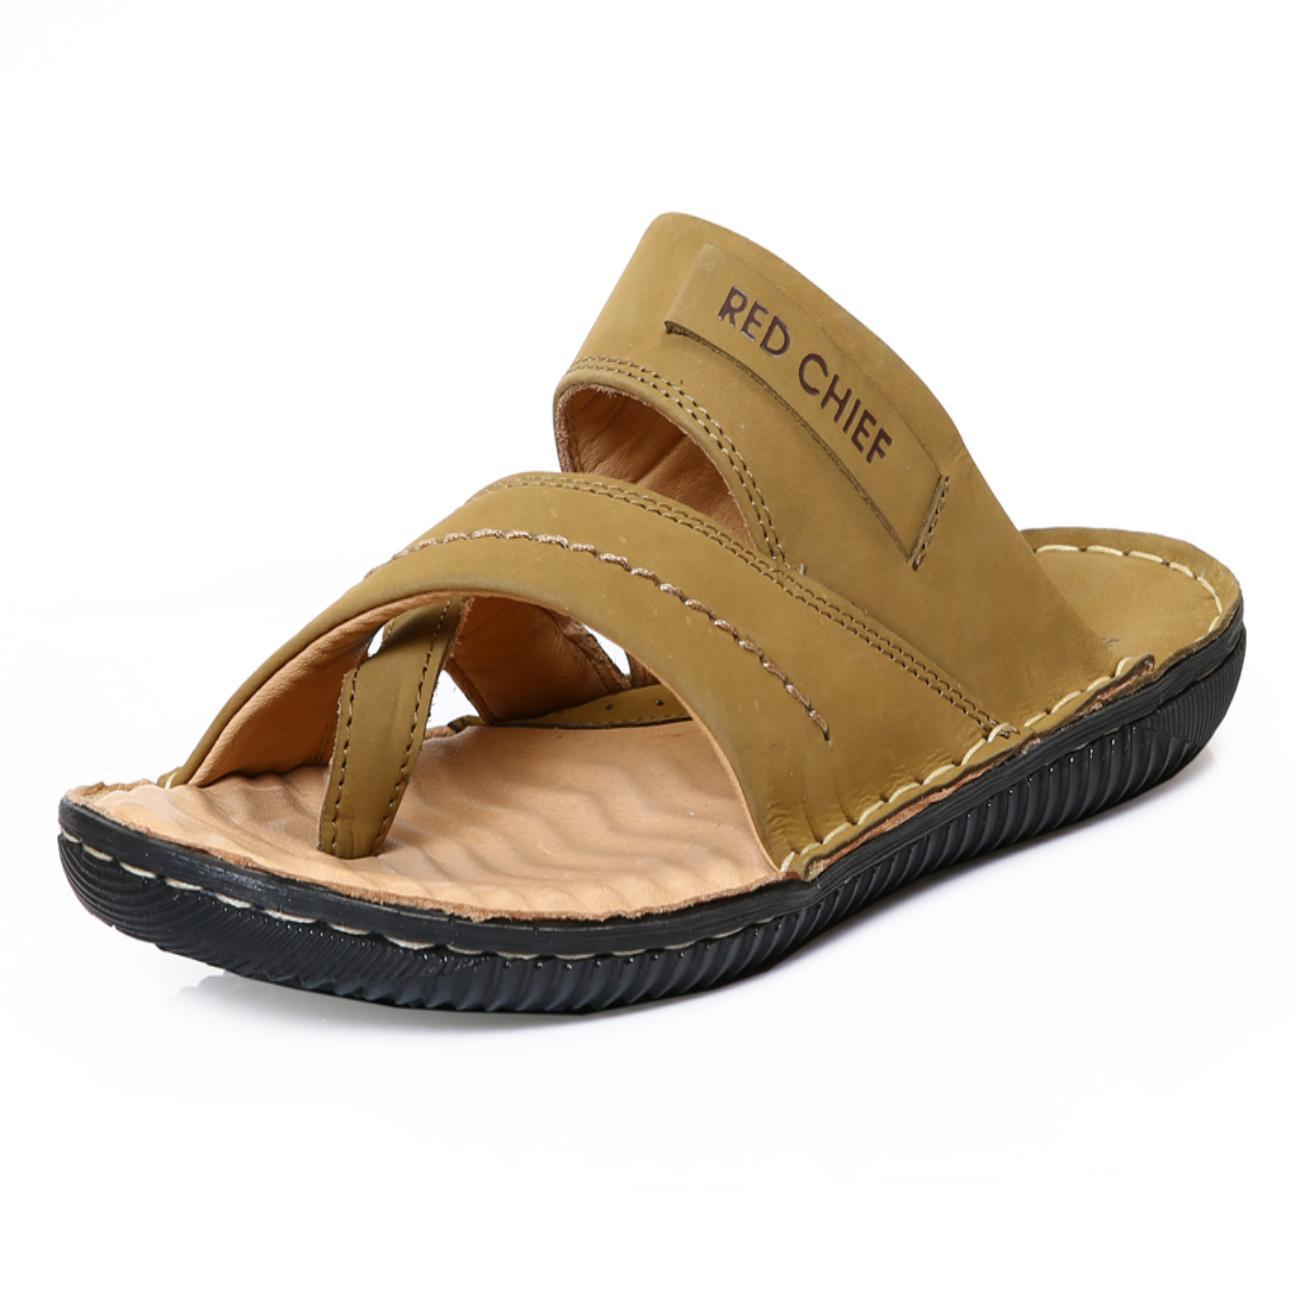 camel slip-on sandals online